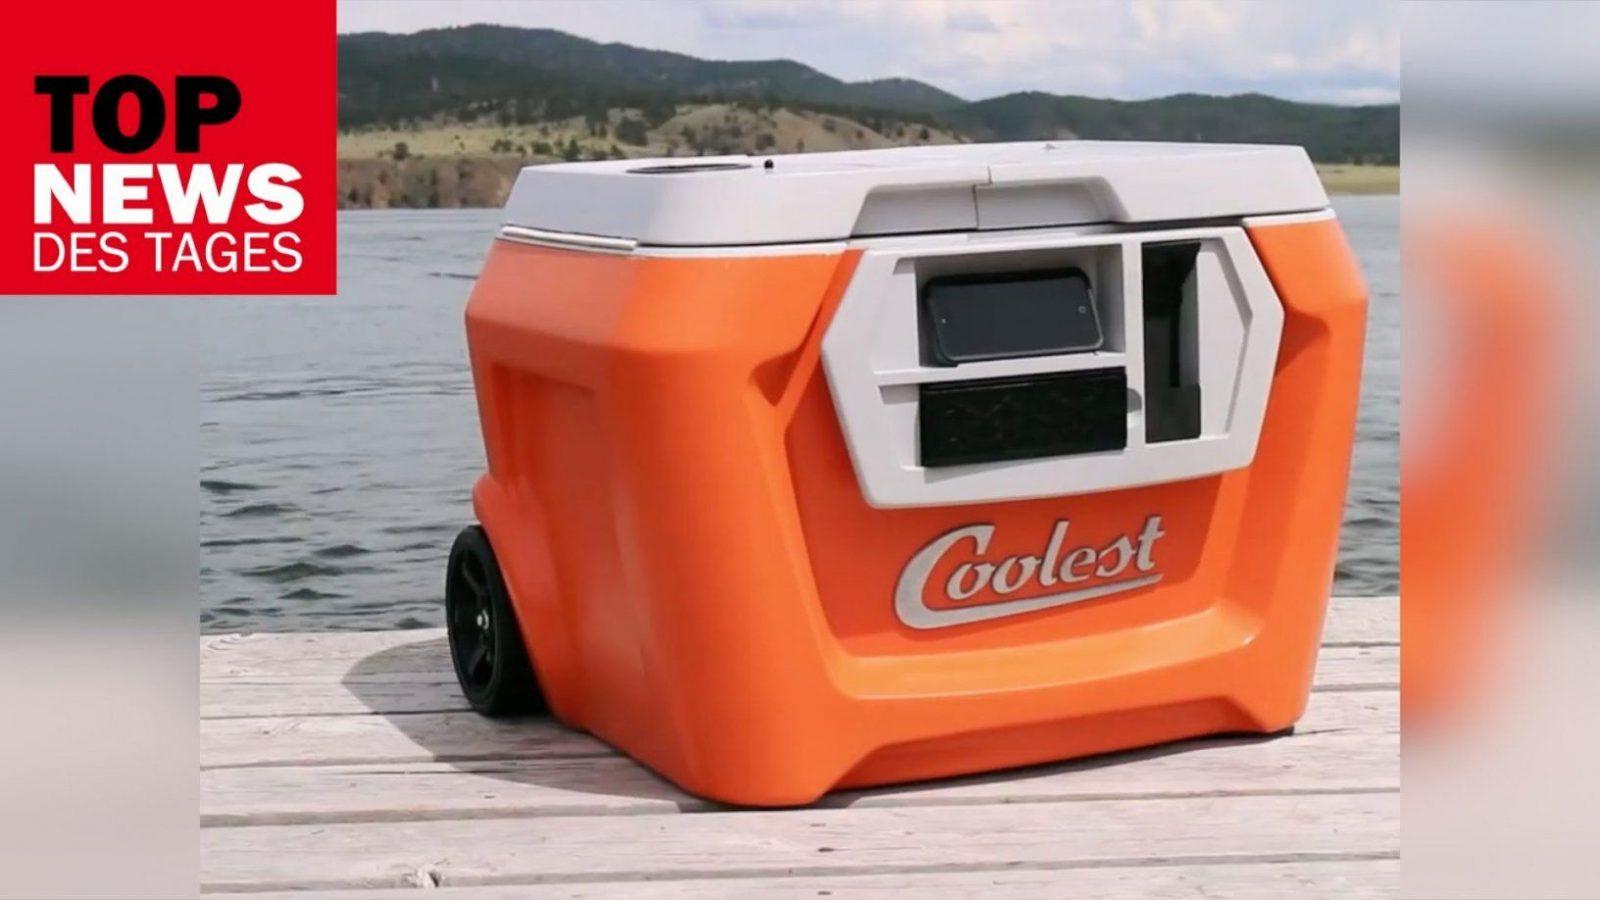 The Coolest Fünf Millionen Usdollar Für Eine Kühlbox  Youtube von Peltier Element Kühlbox Selber Bauen Photo